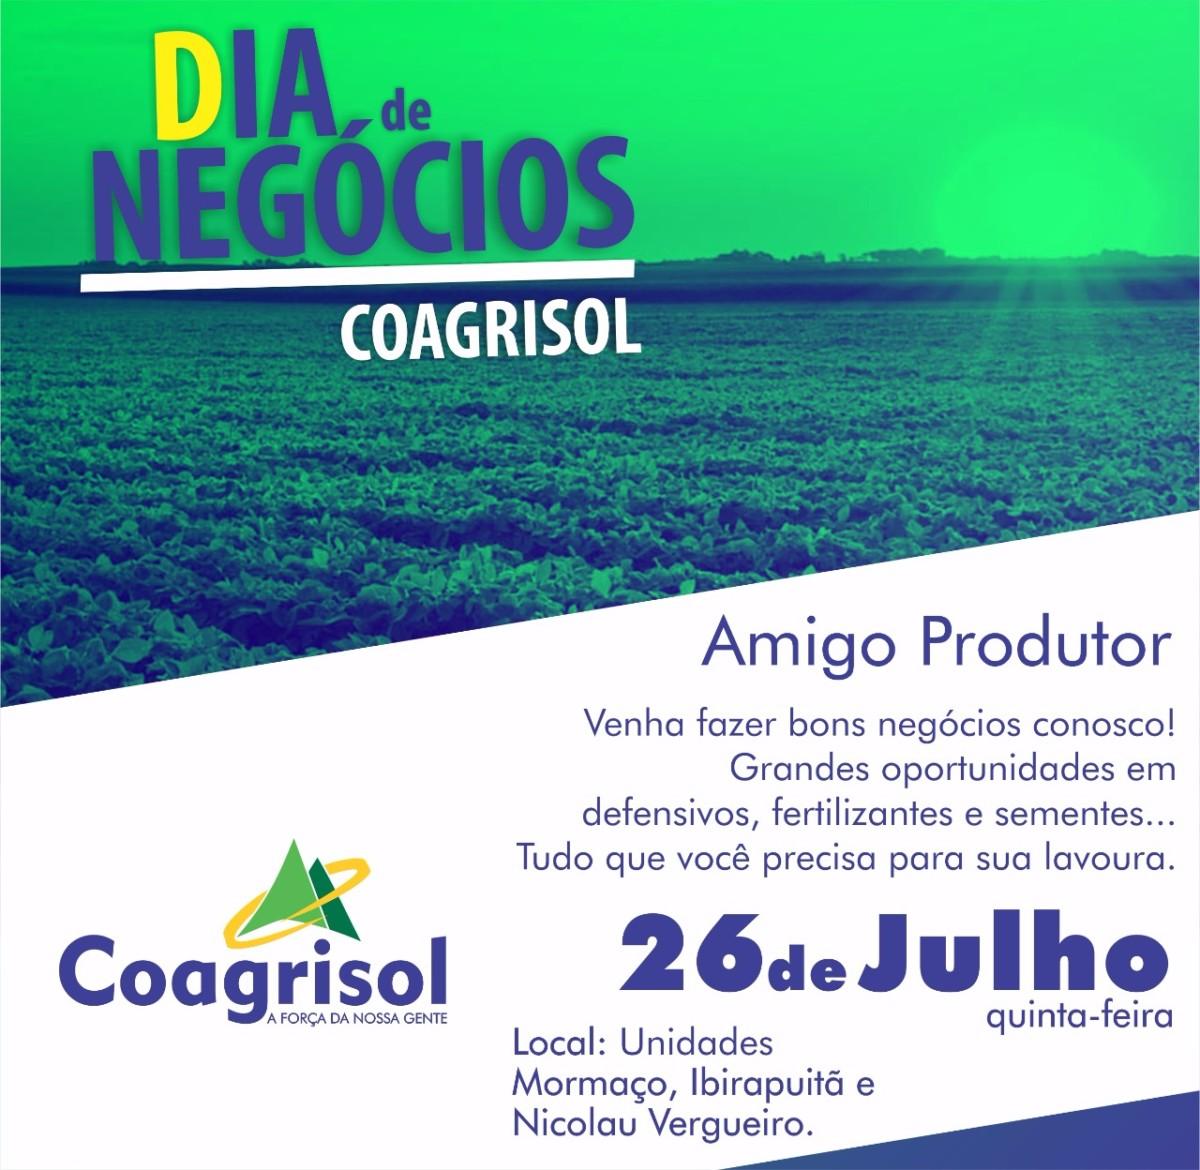 Unidades da Coagrisol de Ibirapuitã, Mormaço e Nicolau Vergueiro tem dia de negócios nesta quinta-feira